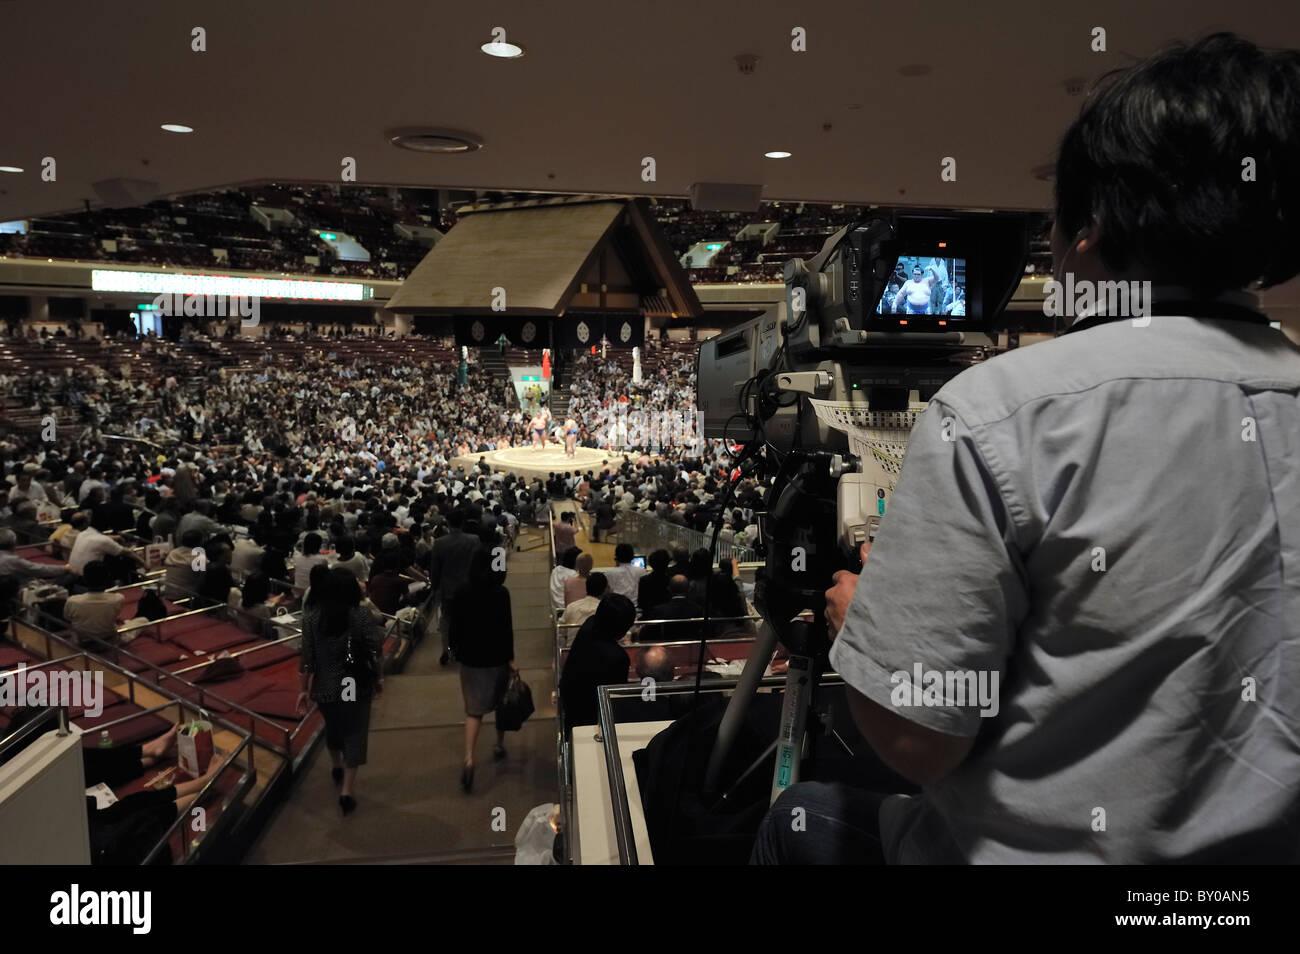 Cameraman rendendo un close-up dell'anello, Grandi Campionati di Sumo maggio 2010, Ryogoku Kokugikan, Tokyo, Giappone Foto Stock